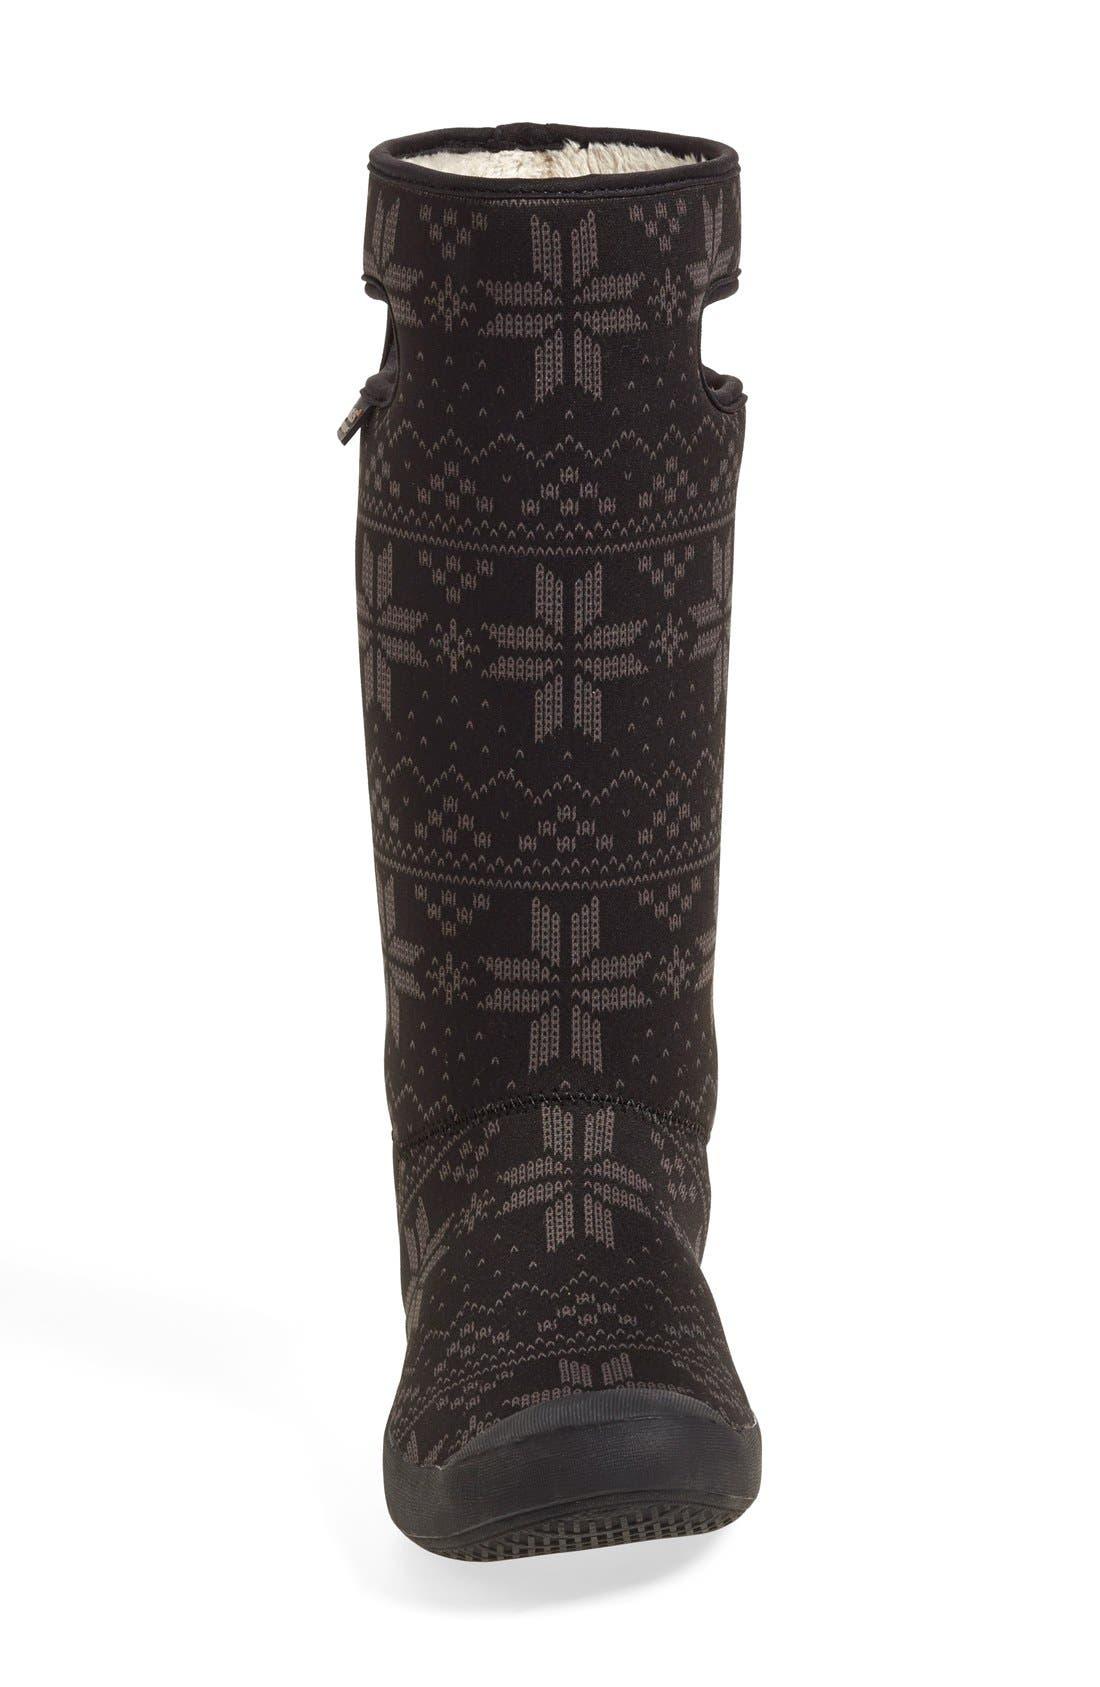 Alternate Image 3  - Bogs 'Summit - Sweater' Waterproof Boot (Women)